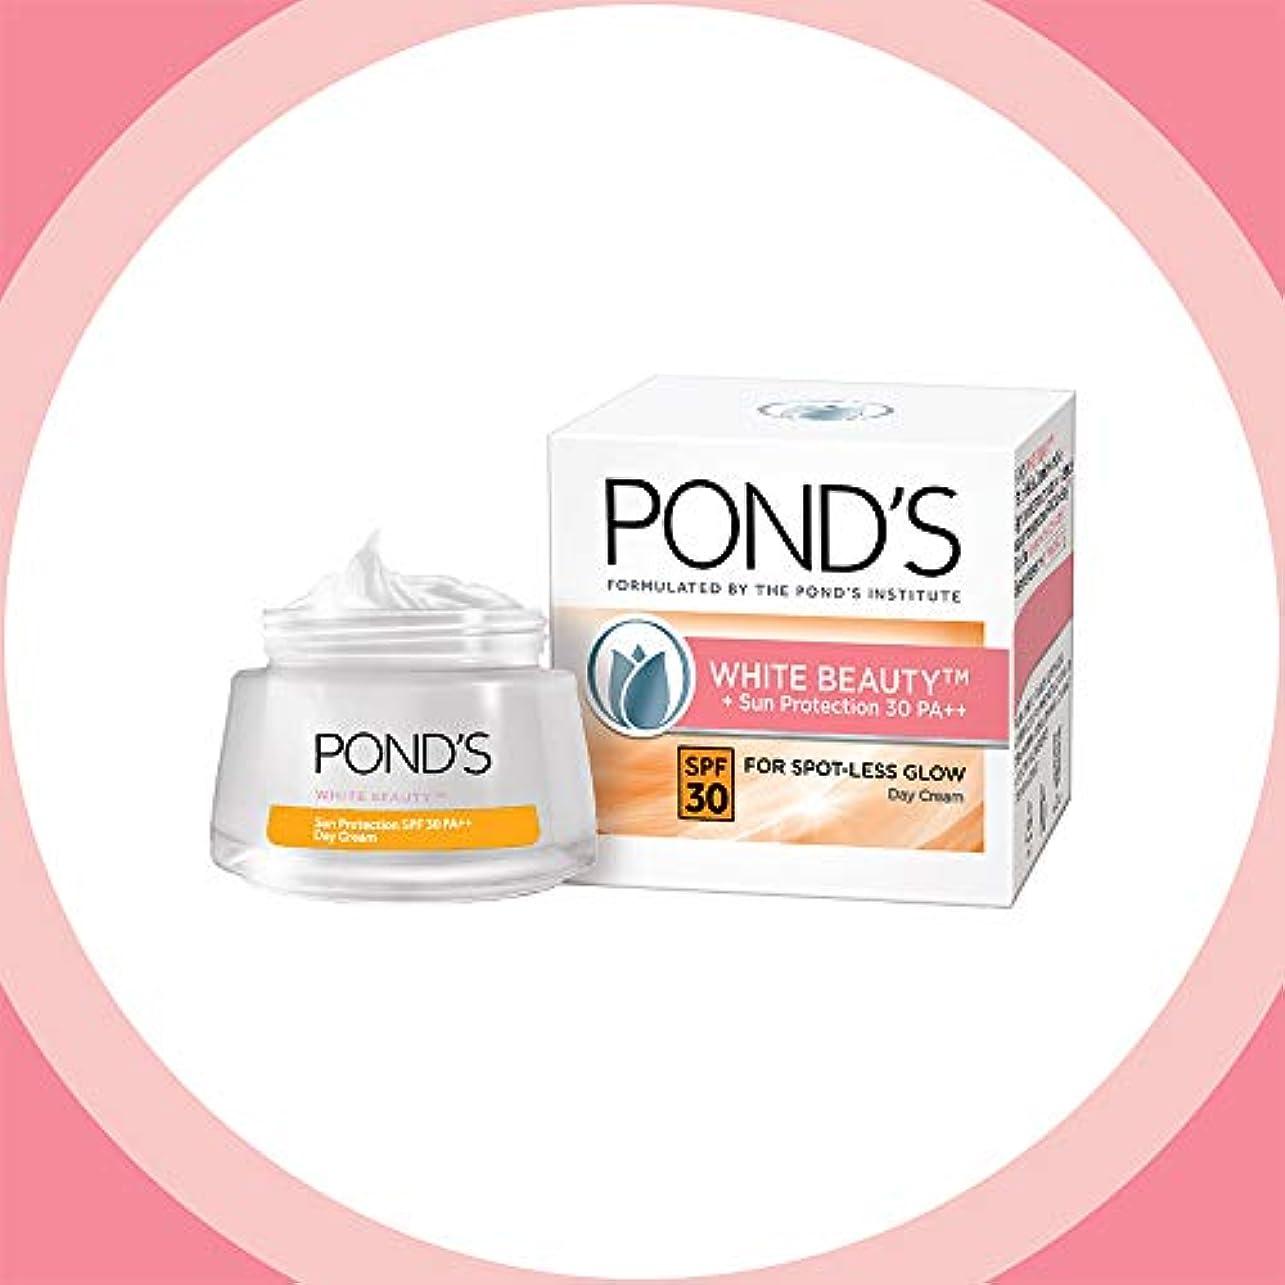 変更可能コテージ寄り添うPOND'S White Beauty Sun Protection SPF 30 Day Cream, 50 g